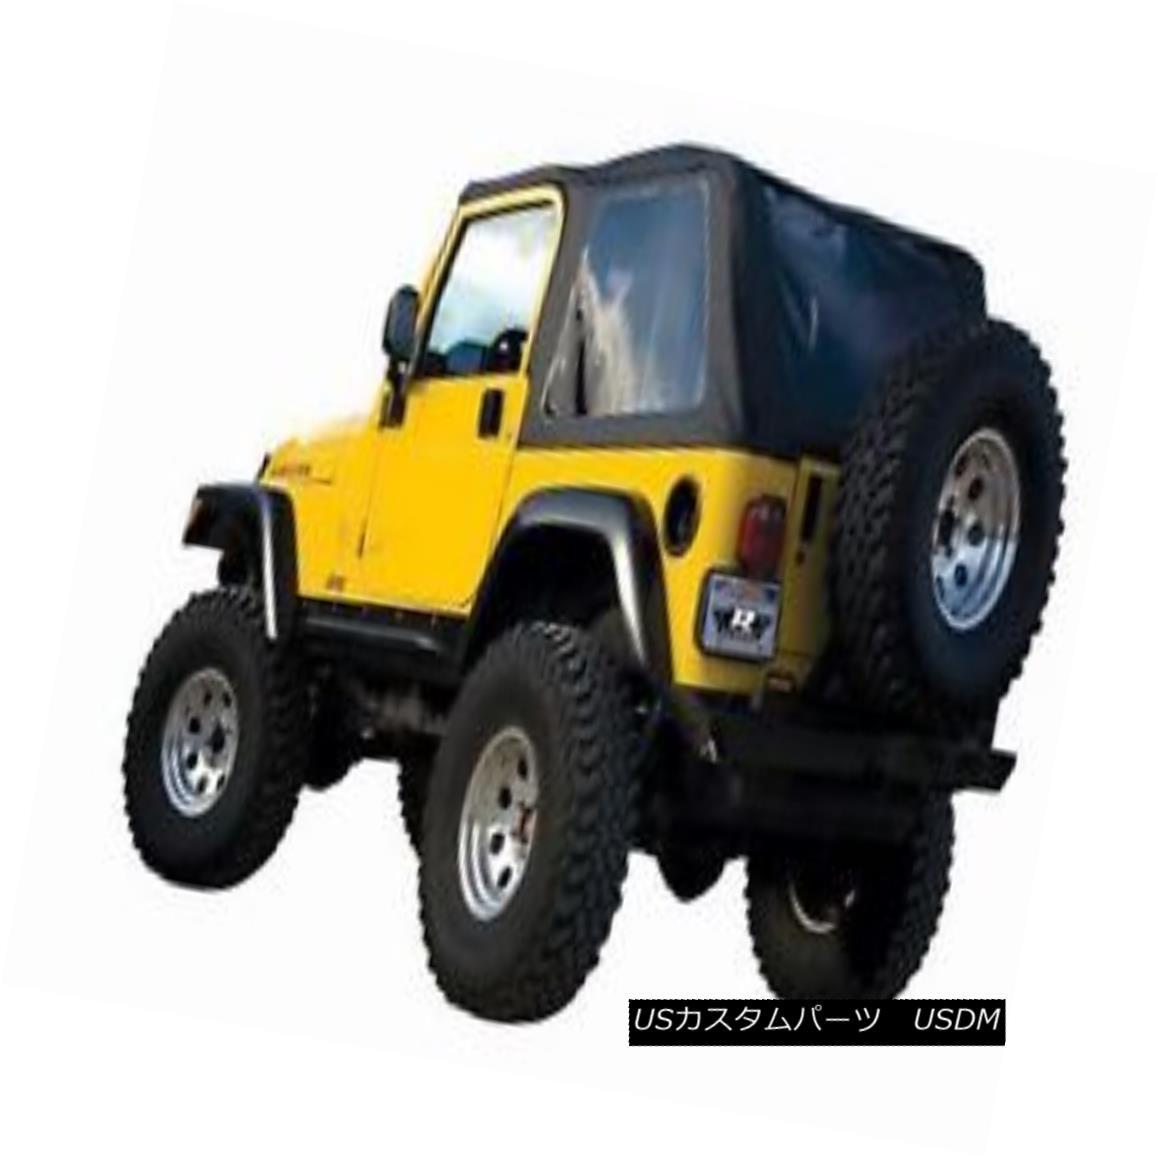 幌・ソフトトップ Rampage Frameless Soft Top Kit, 97-06 TJ Wrangler Sailcloth Black ランペイジフレームレスソフトトップキット、97-06 TJ Wrangler Sailcloth Black